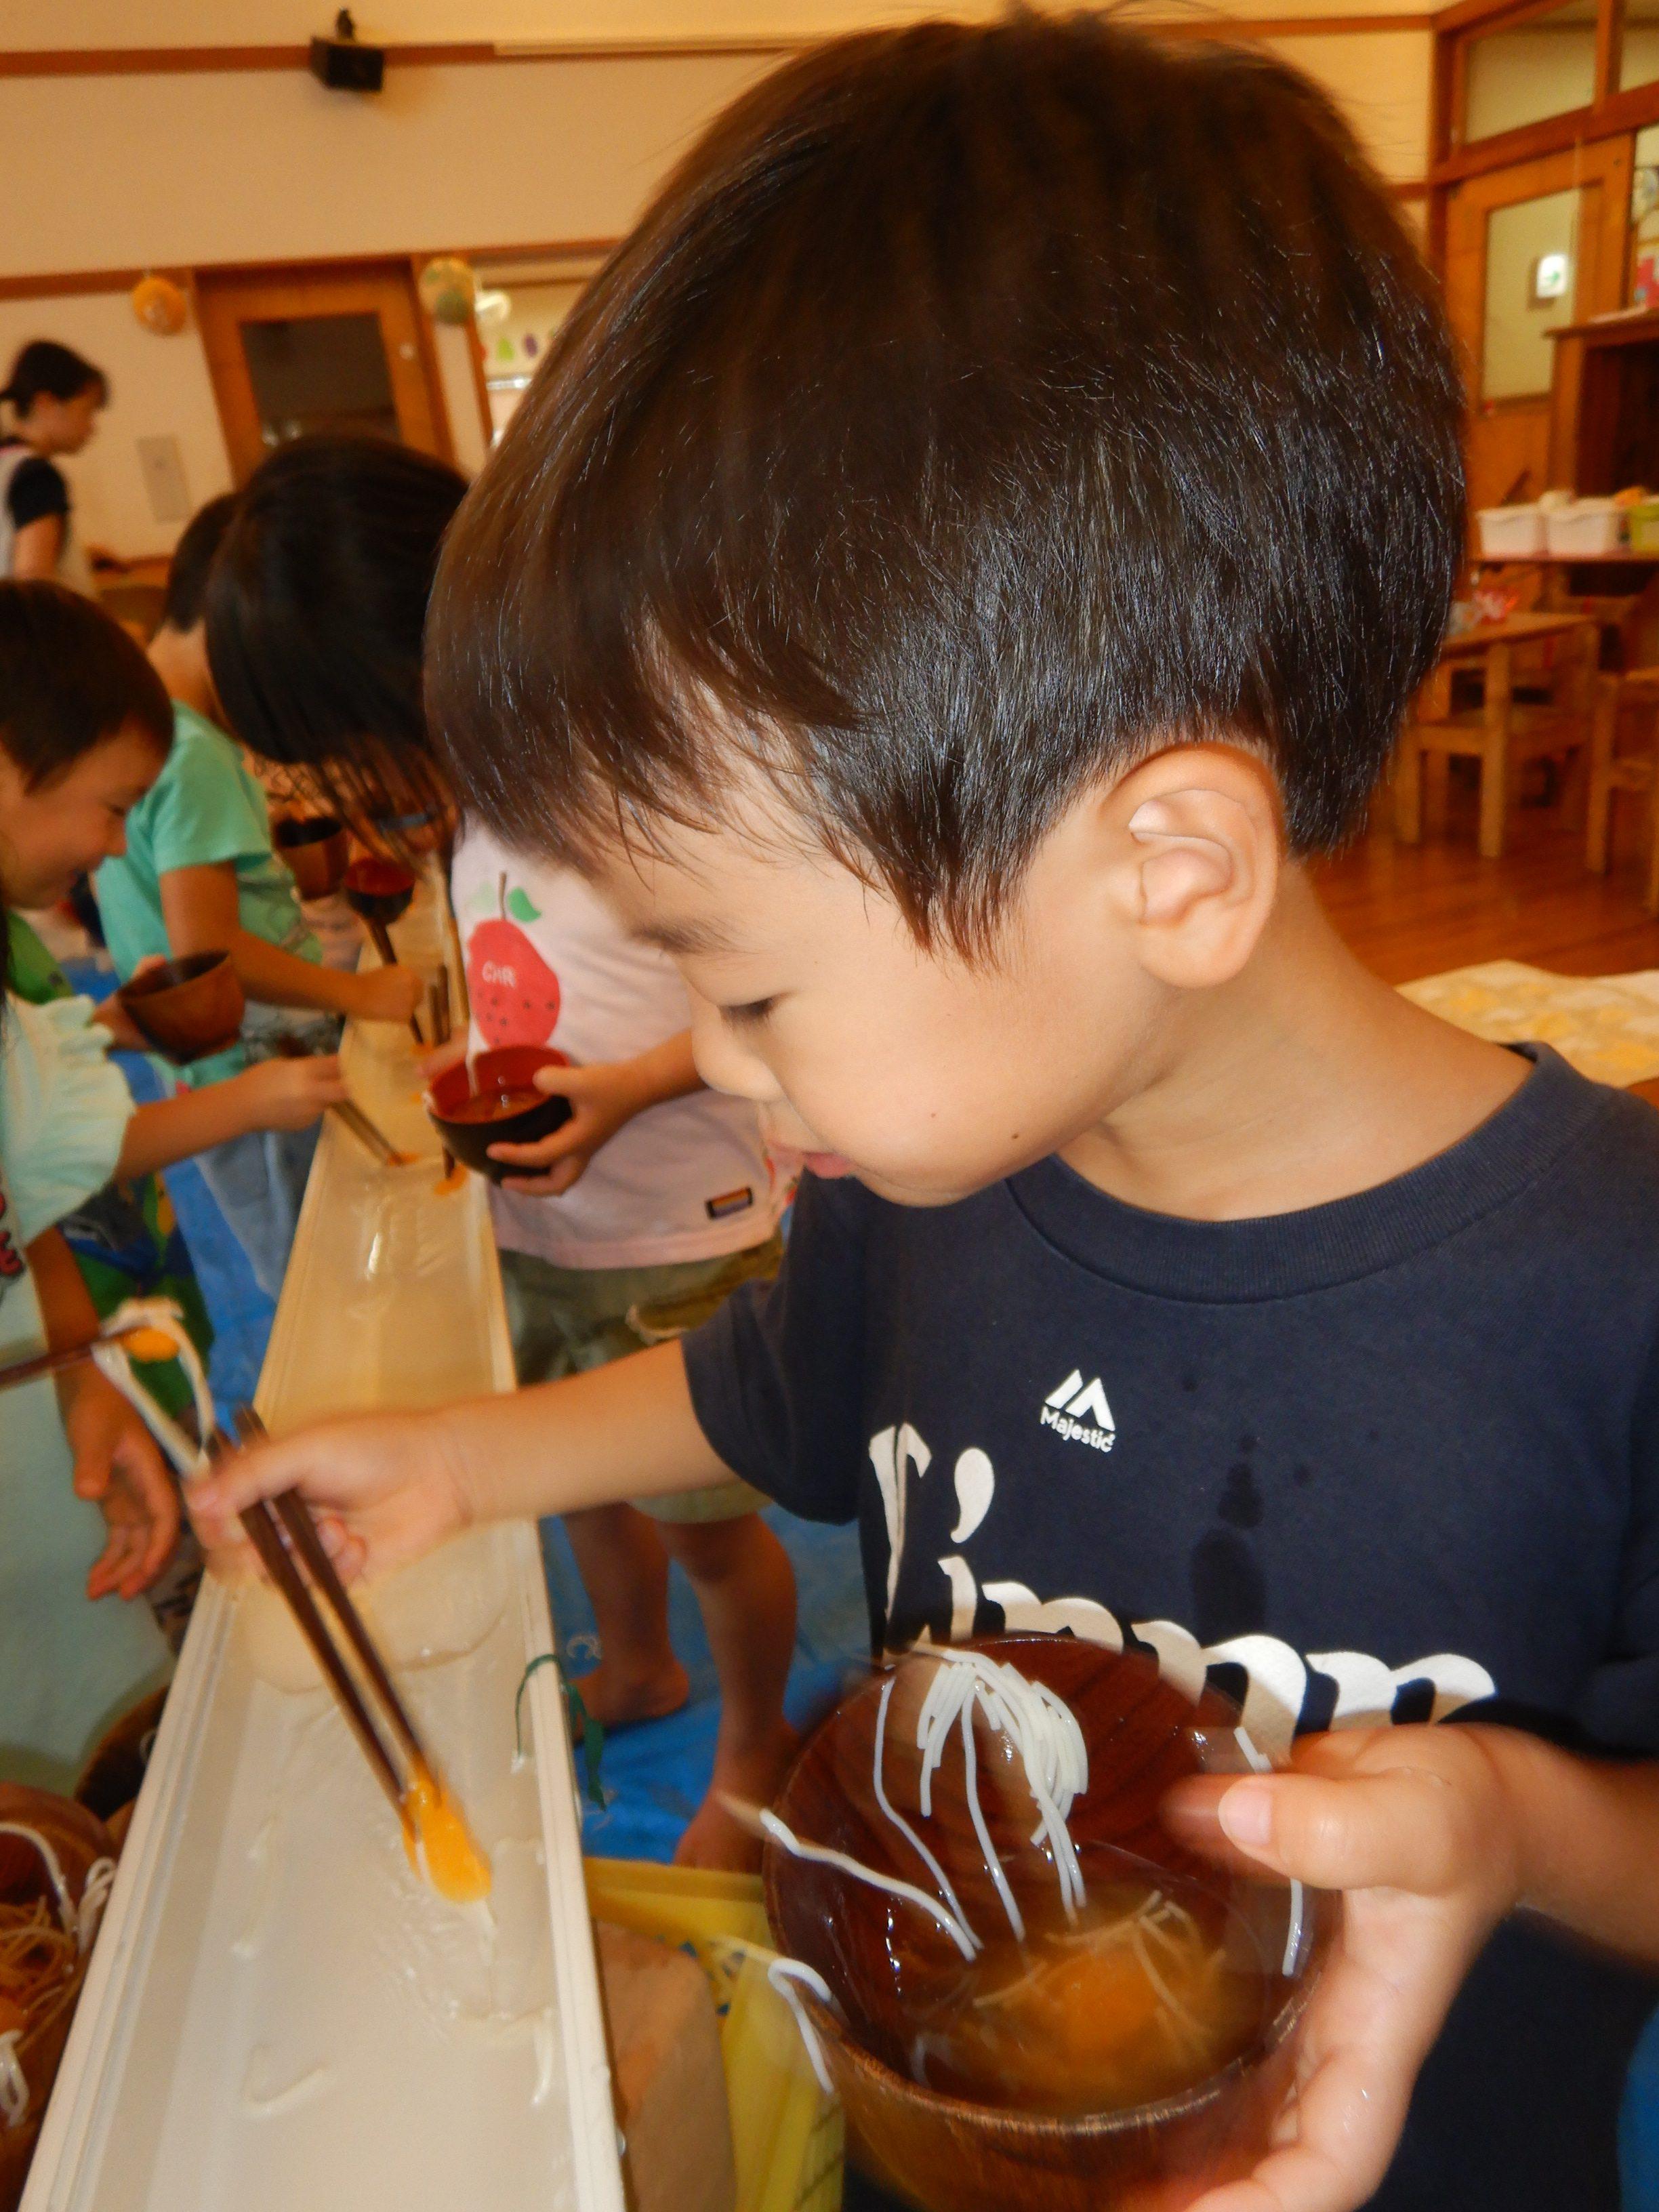 所沢市のあかねの風保育園で流しそうめんをする子どもの画像